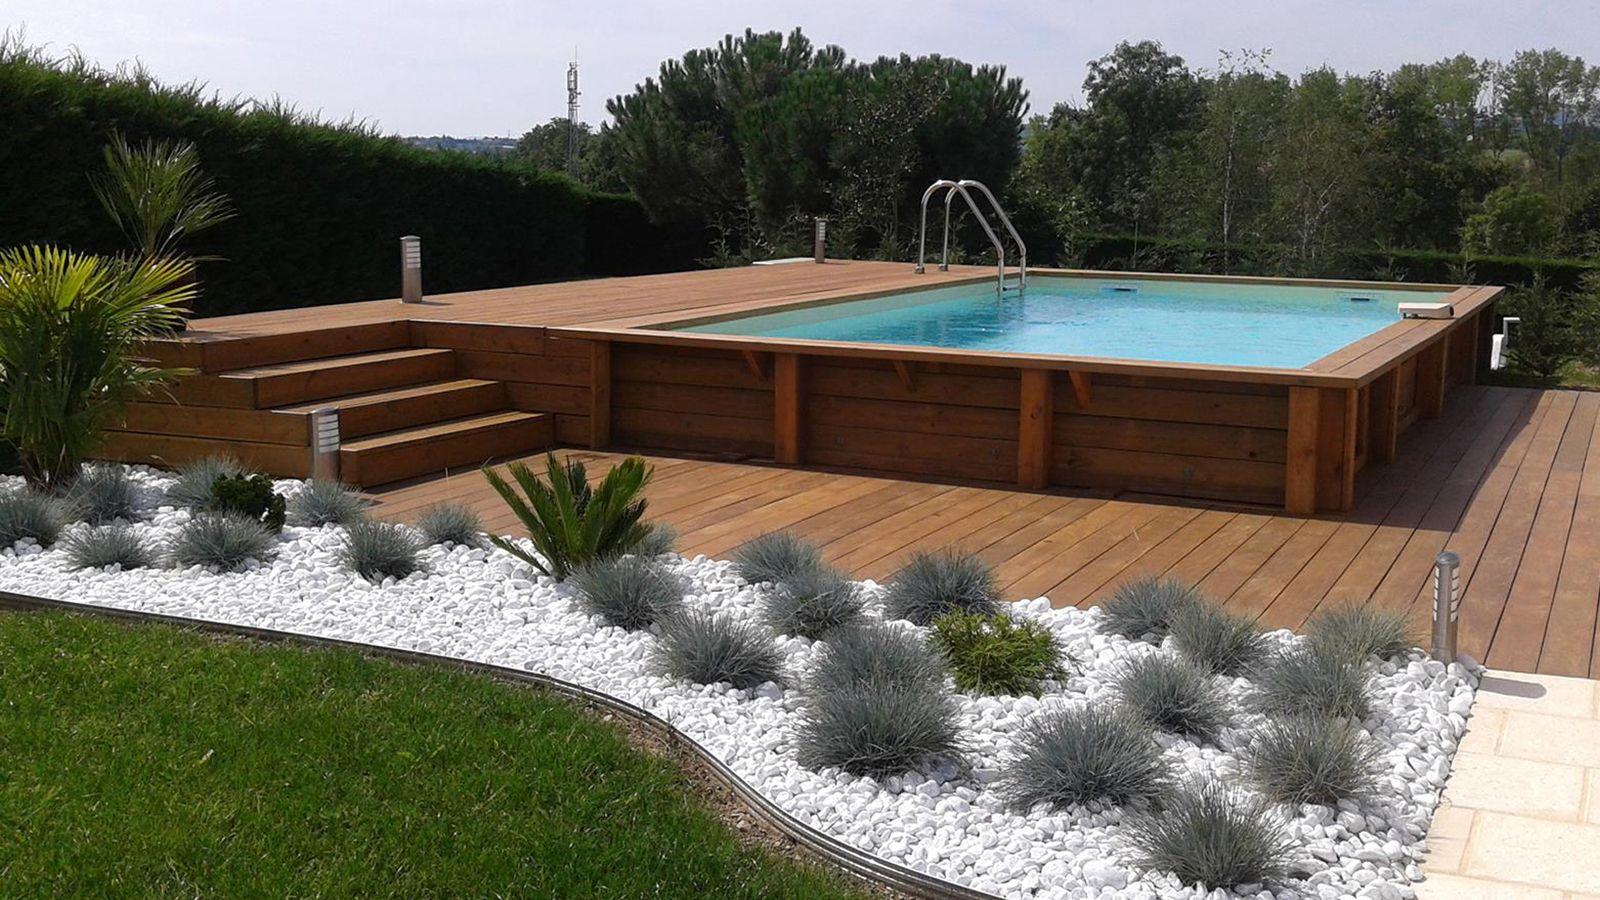 Piscine hors sol recherche google piscine pinterest for Prix piscine bois enterree